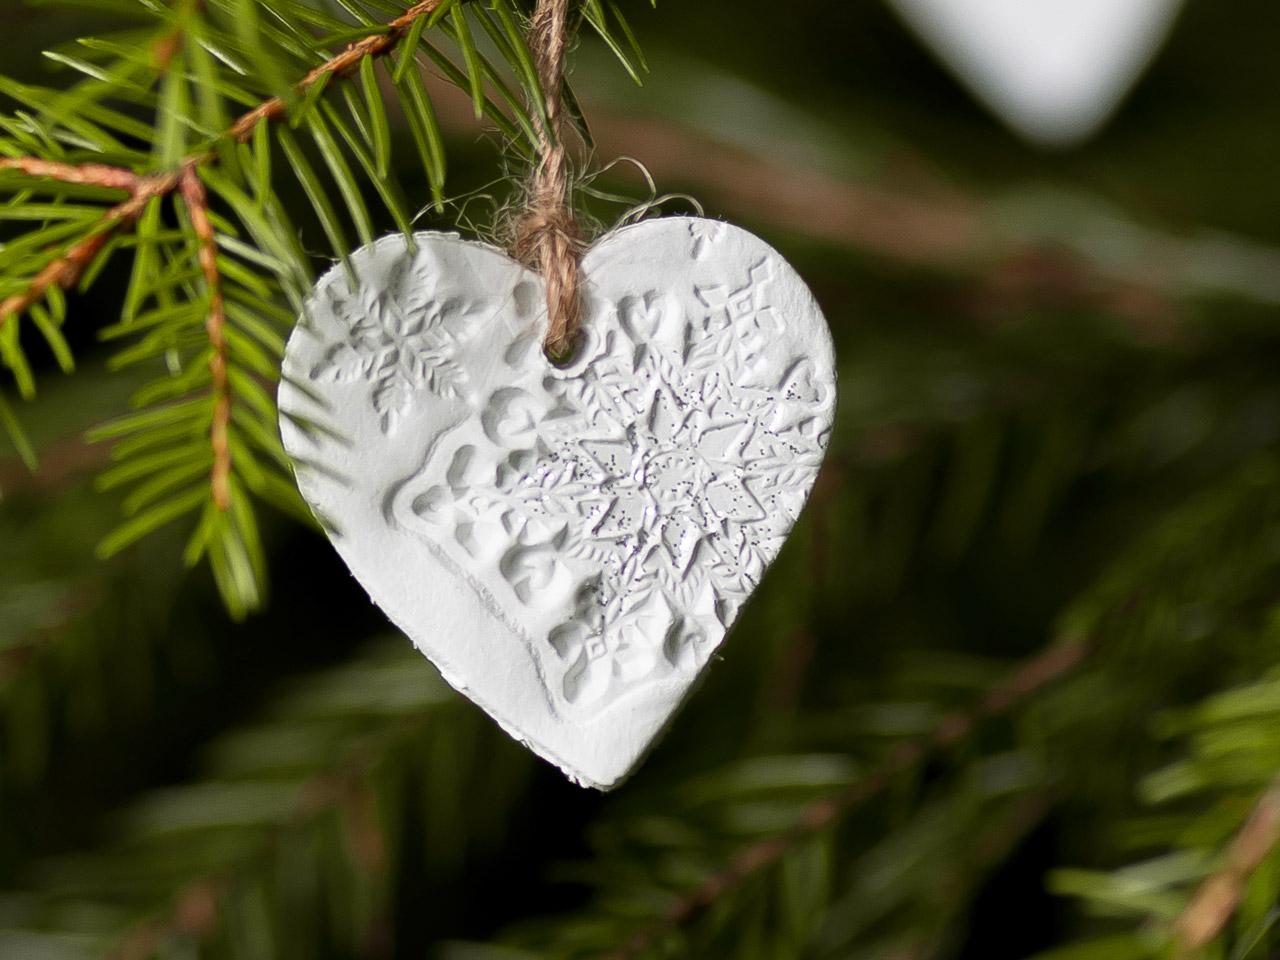 Christbaumschmuck basteln selbstgemachte weihnachtsdeko - Christbaumschmuck selber machen ...